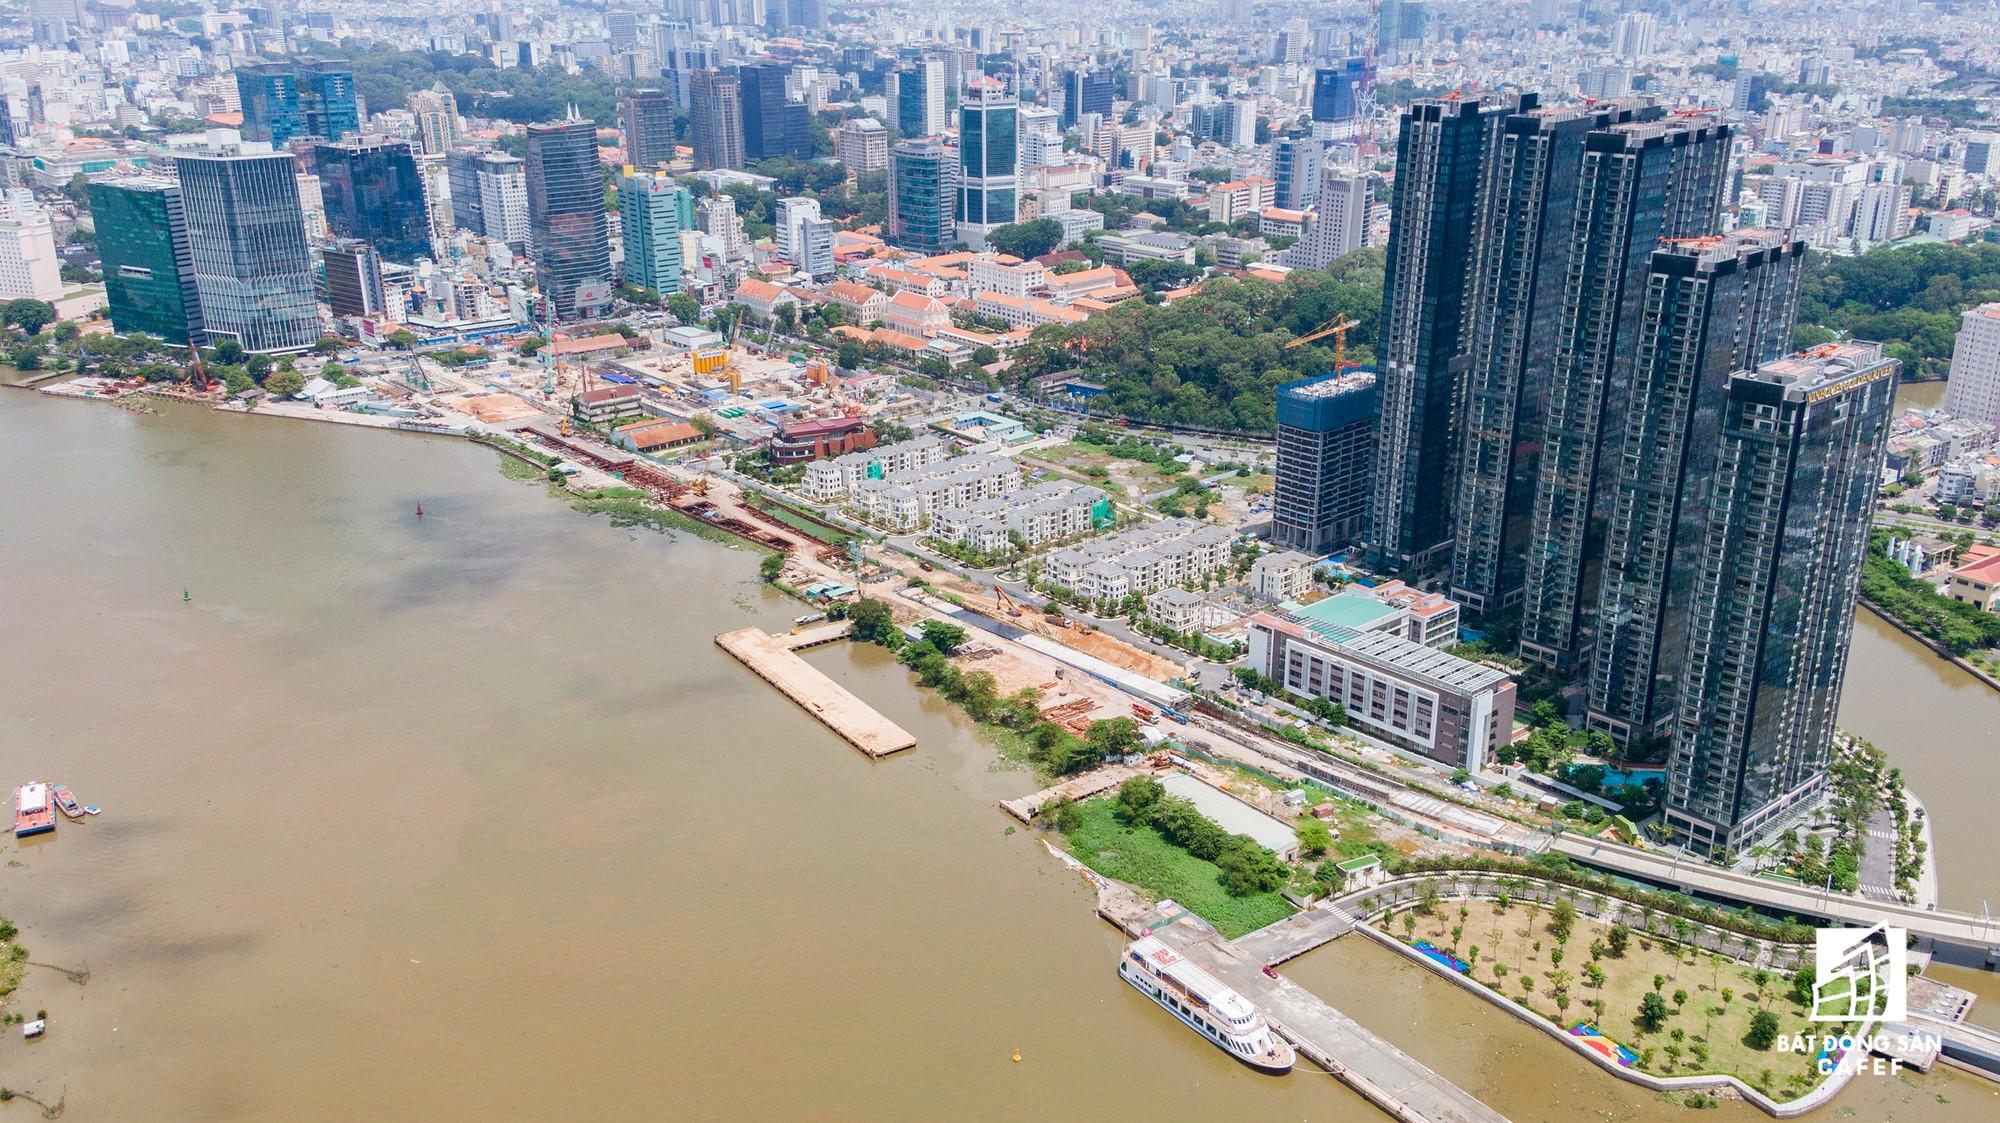 Diện mạo hai bờ sông Sài Gòn tương lai nhìn từ loạt siêu dự án tỷ đô, khu vực trung tâm giá nhà lên hơn 1 tỷ đồng/m2 - Ảnh 21. Diện mạo hai bờ sông Sài Gòn tương lai nhìn từ loạt siêu dự án tỷ đô, khu vực trung tâm giá nhà lên hơn 1 tỷ đồng/m2 Diện mạo hai bờ sông Sài Gòn tương lai nhìn từ loạt siêu dự án tỷ đô, khu vực trung tâm giá nhà lên hơn 1 tỷ đồng/m2 hinh 70 15682776001242094128804